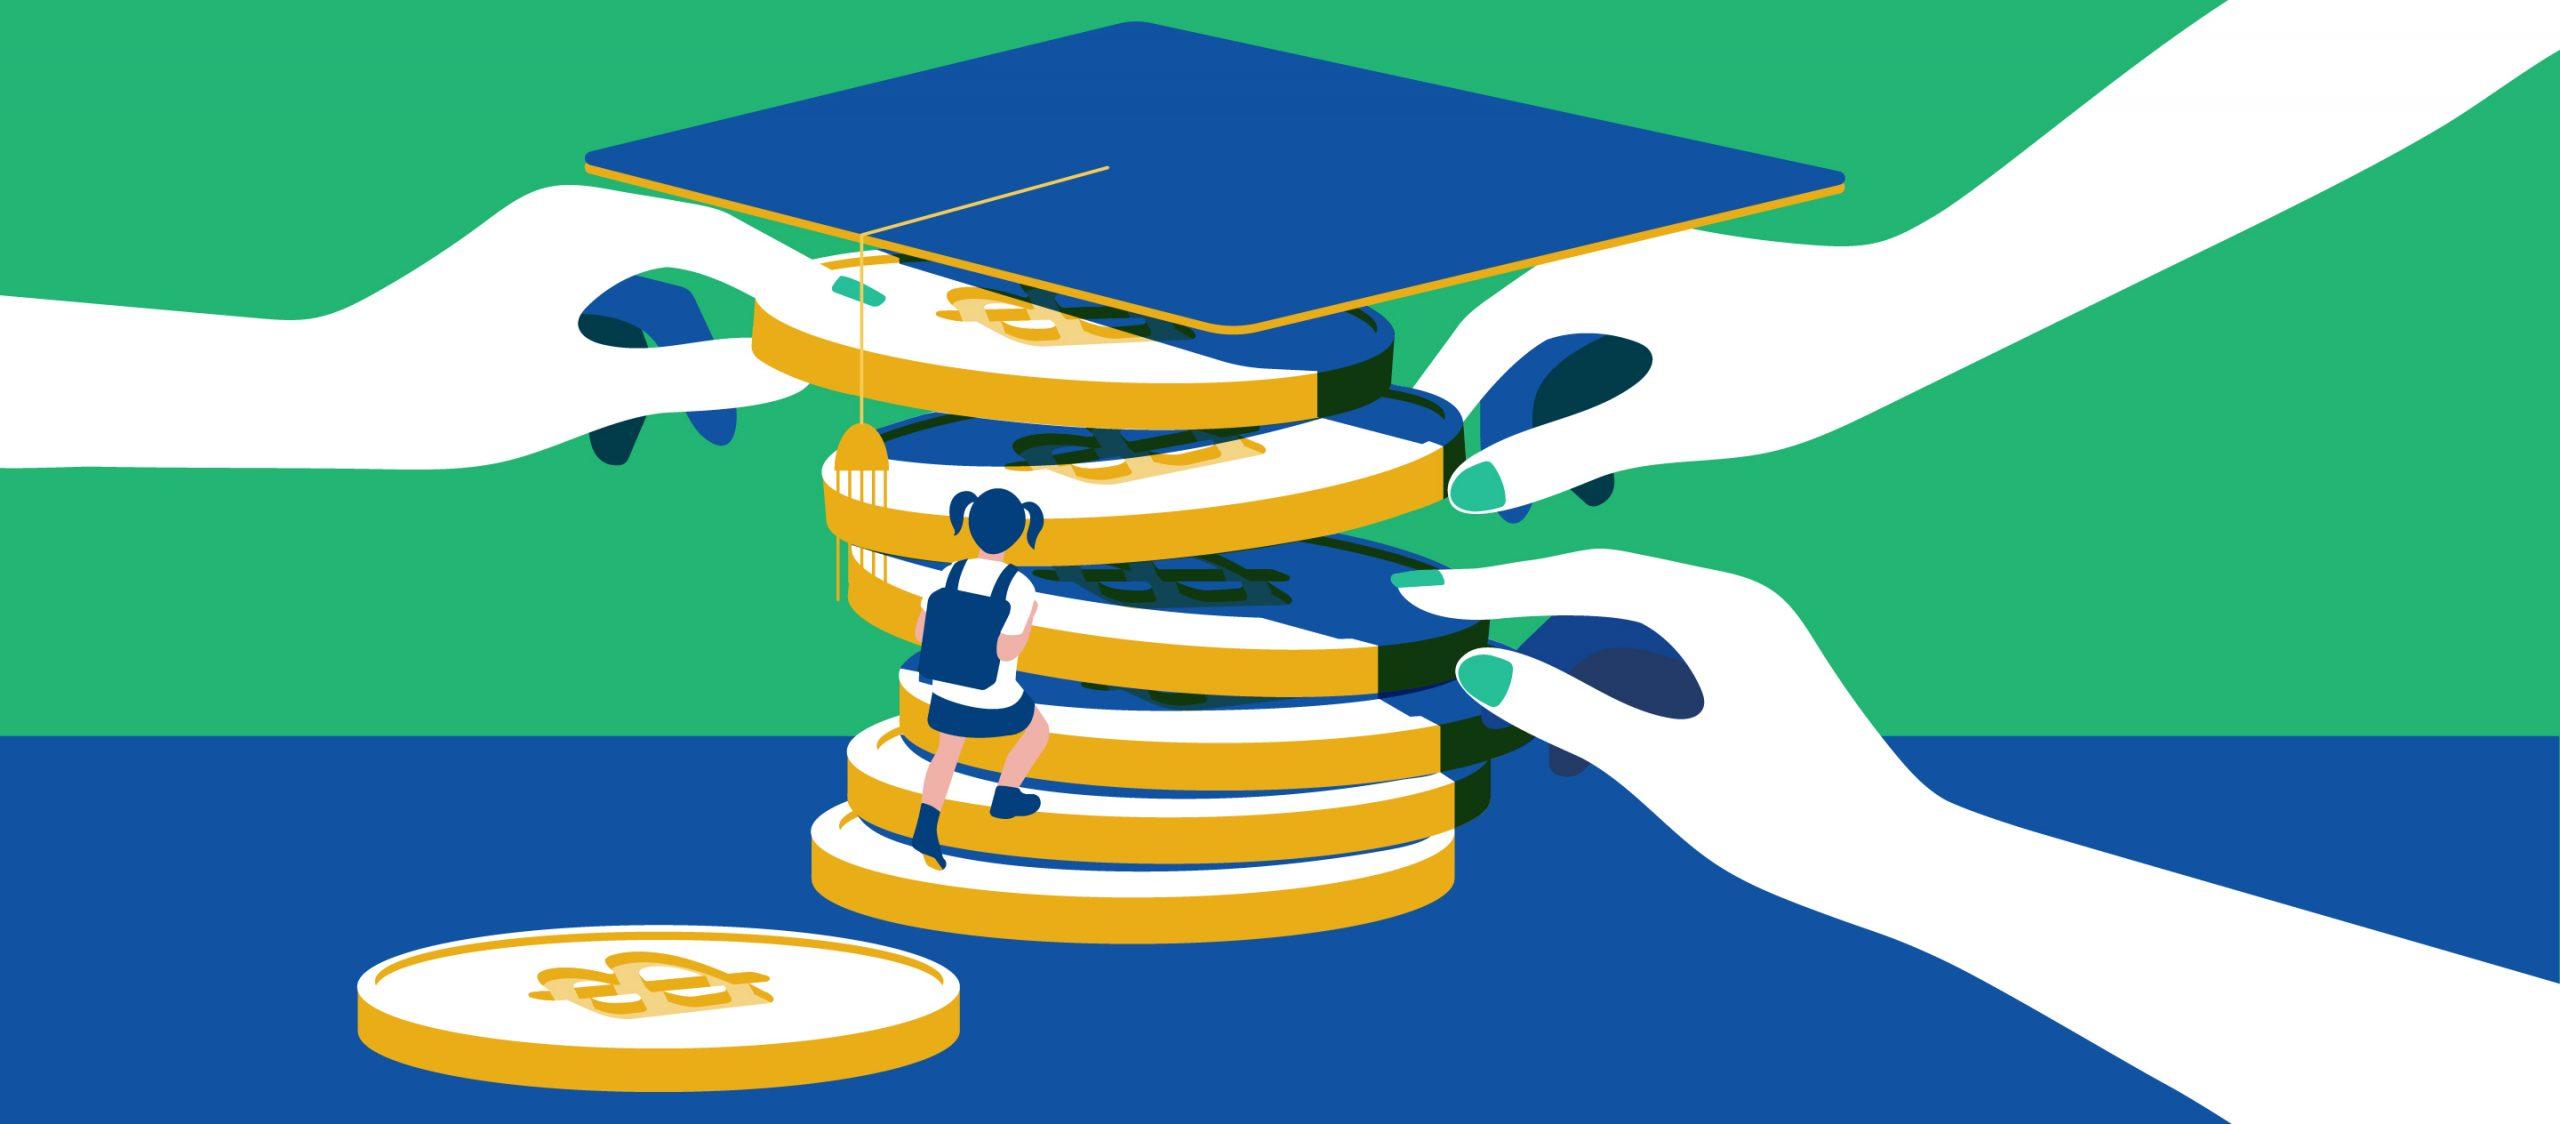 5 แฟกต์ว่าด้วยความเหลื่อมล้ำทางการศึกษาที่สกัดขาไม่ให้เด็กต้นทุนต่ำได้ไปต่อ